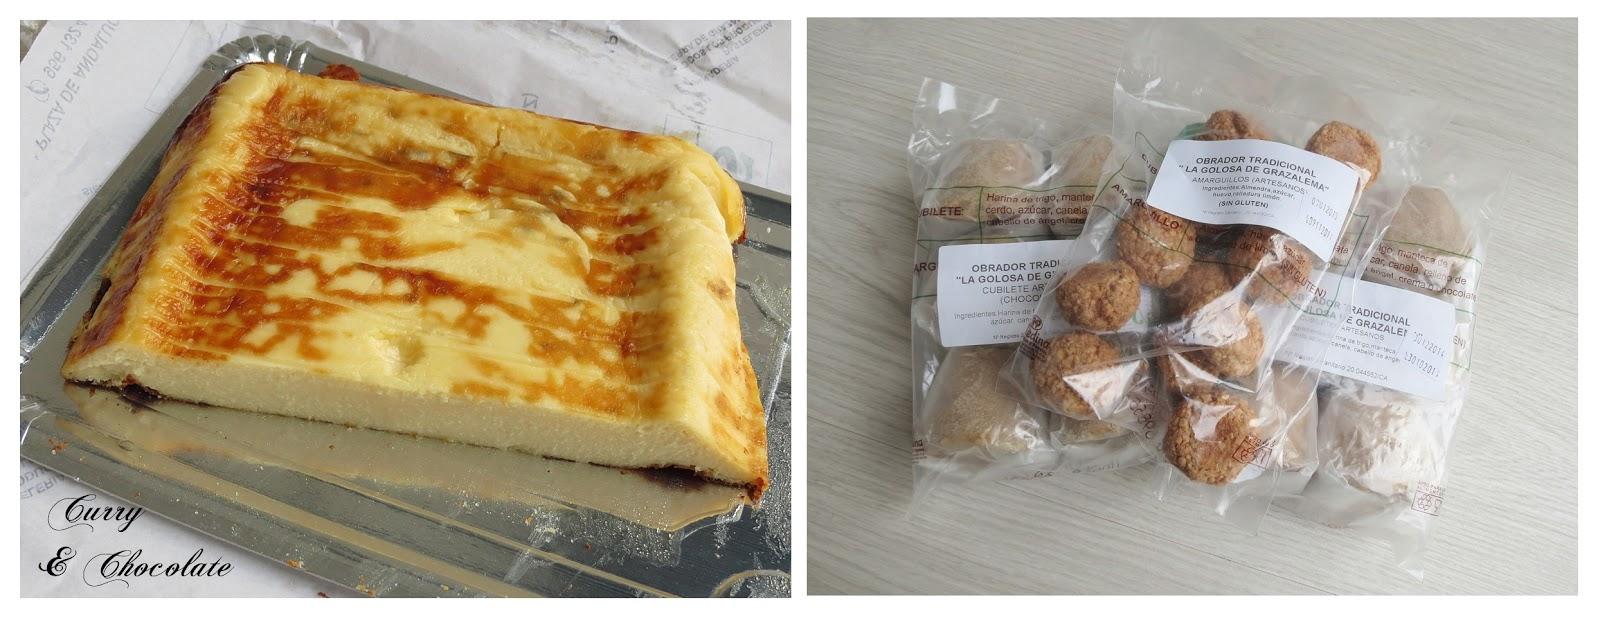 Tarta de queso payoyo y dulces típicos de Grazalema